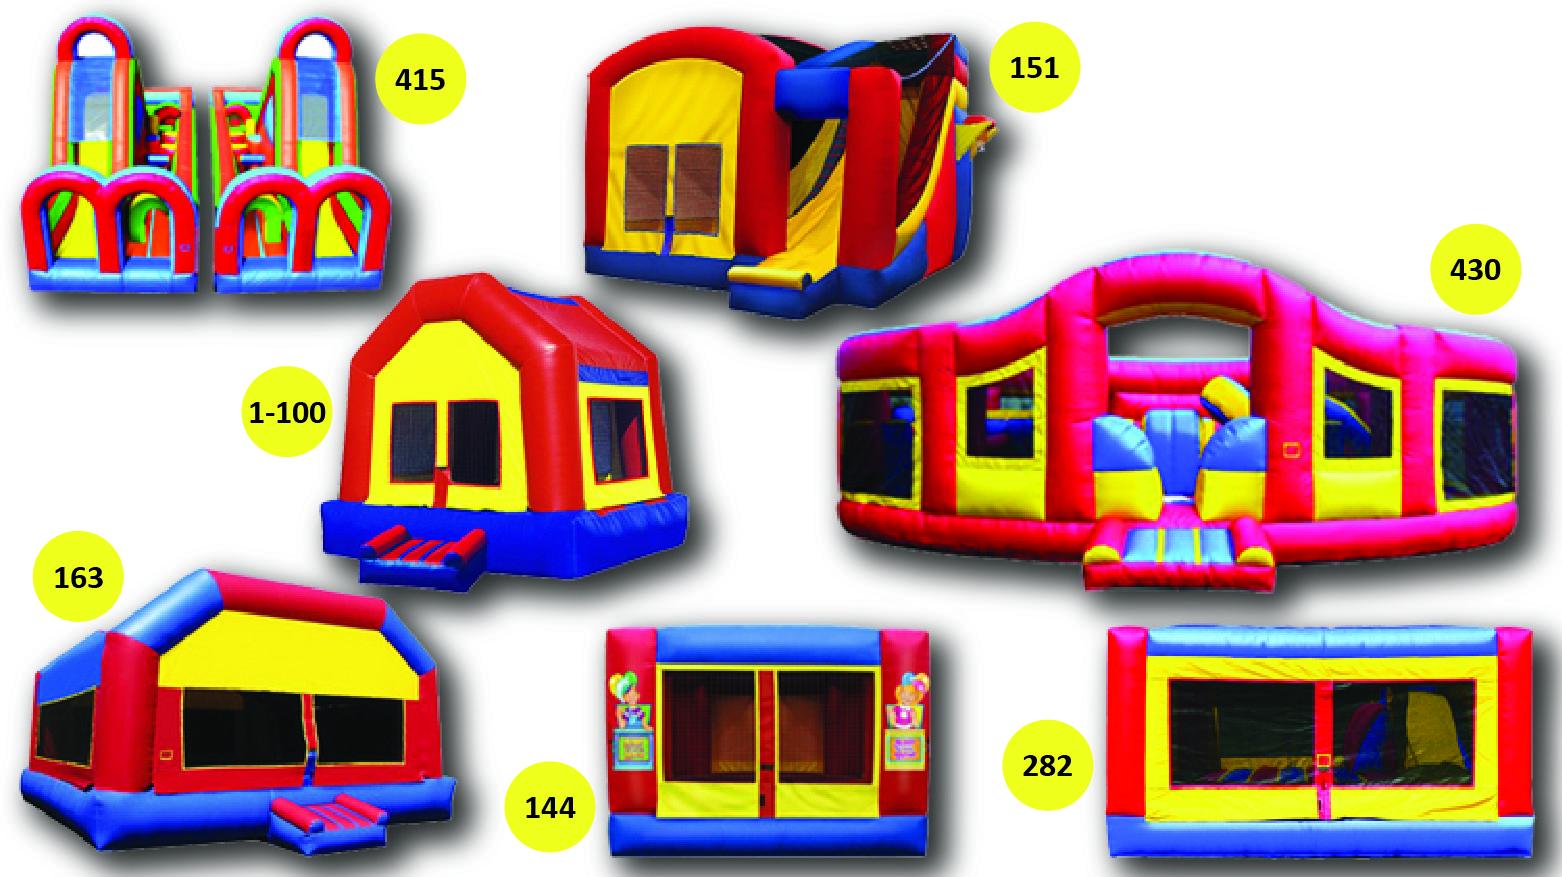 ODR_Inflatables-01_2.jpg